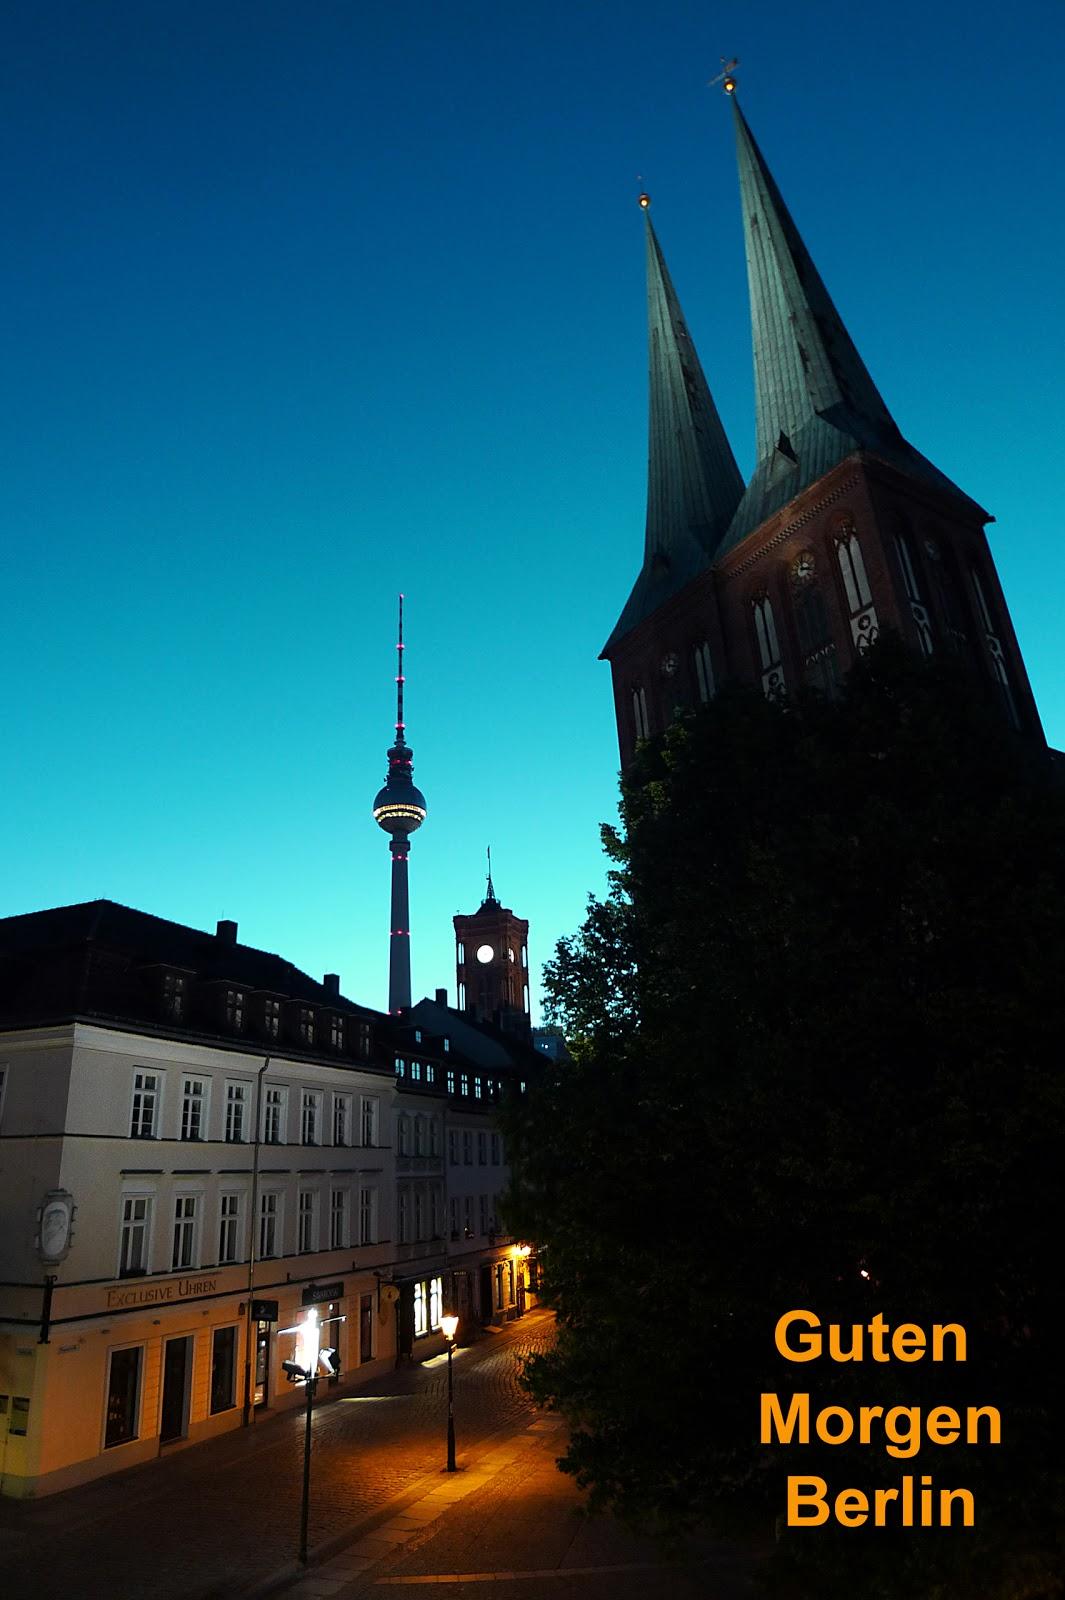 Berlin Morgen